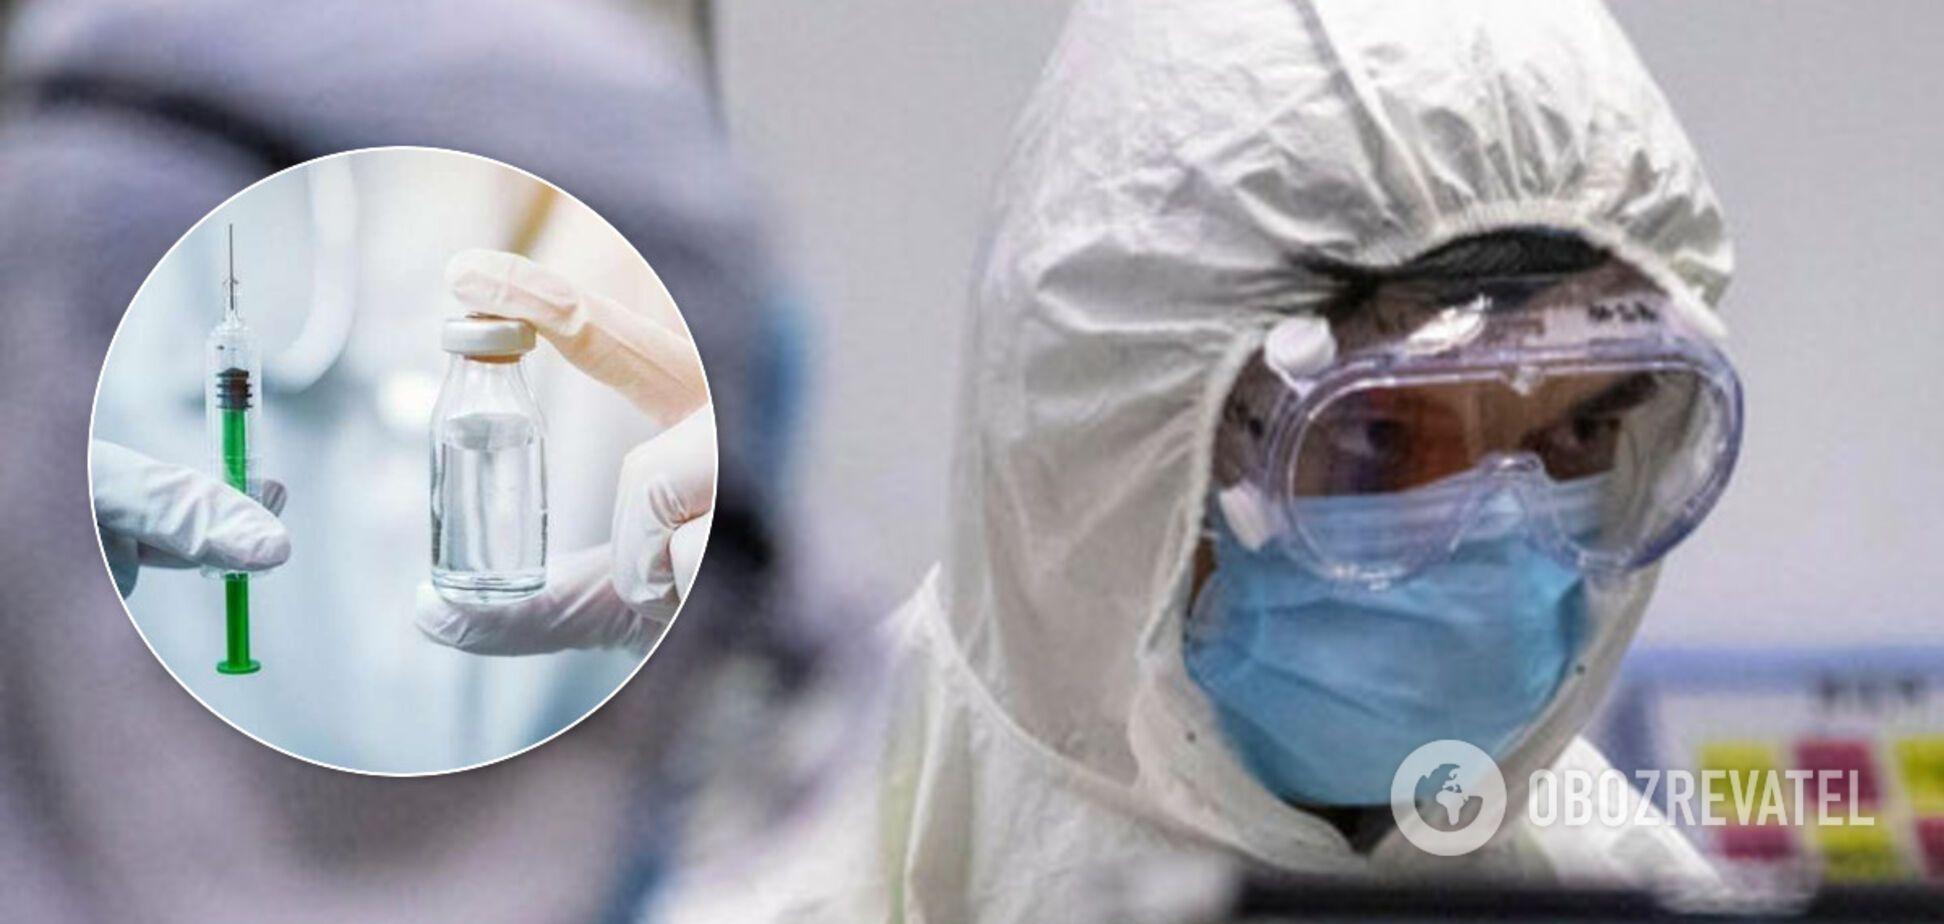 Ізраїль і США створили вакцину від коронавірусу: чи врятує вона від смертельної хвороби